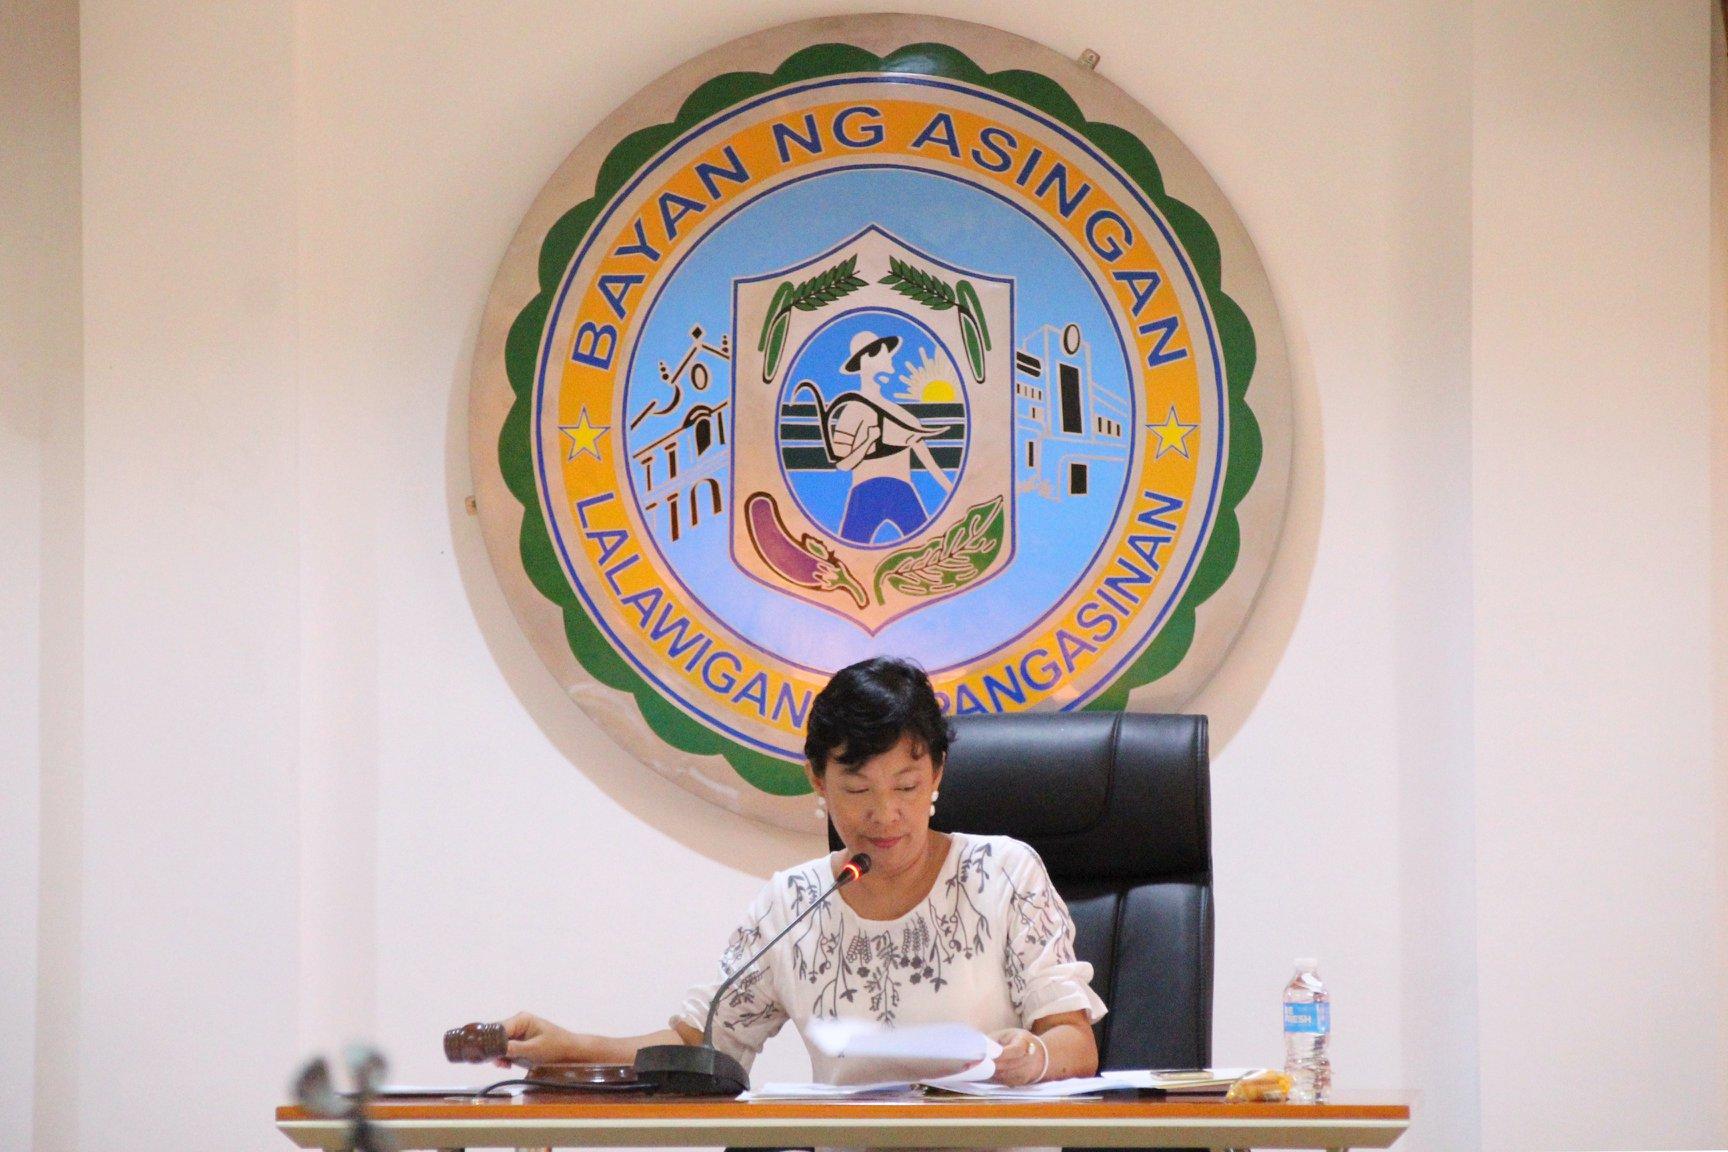 2nd Regular Session of the Sangguniang Bayan (1)